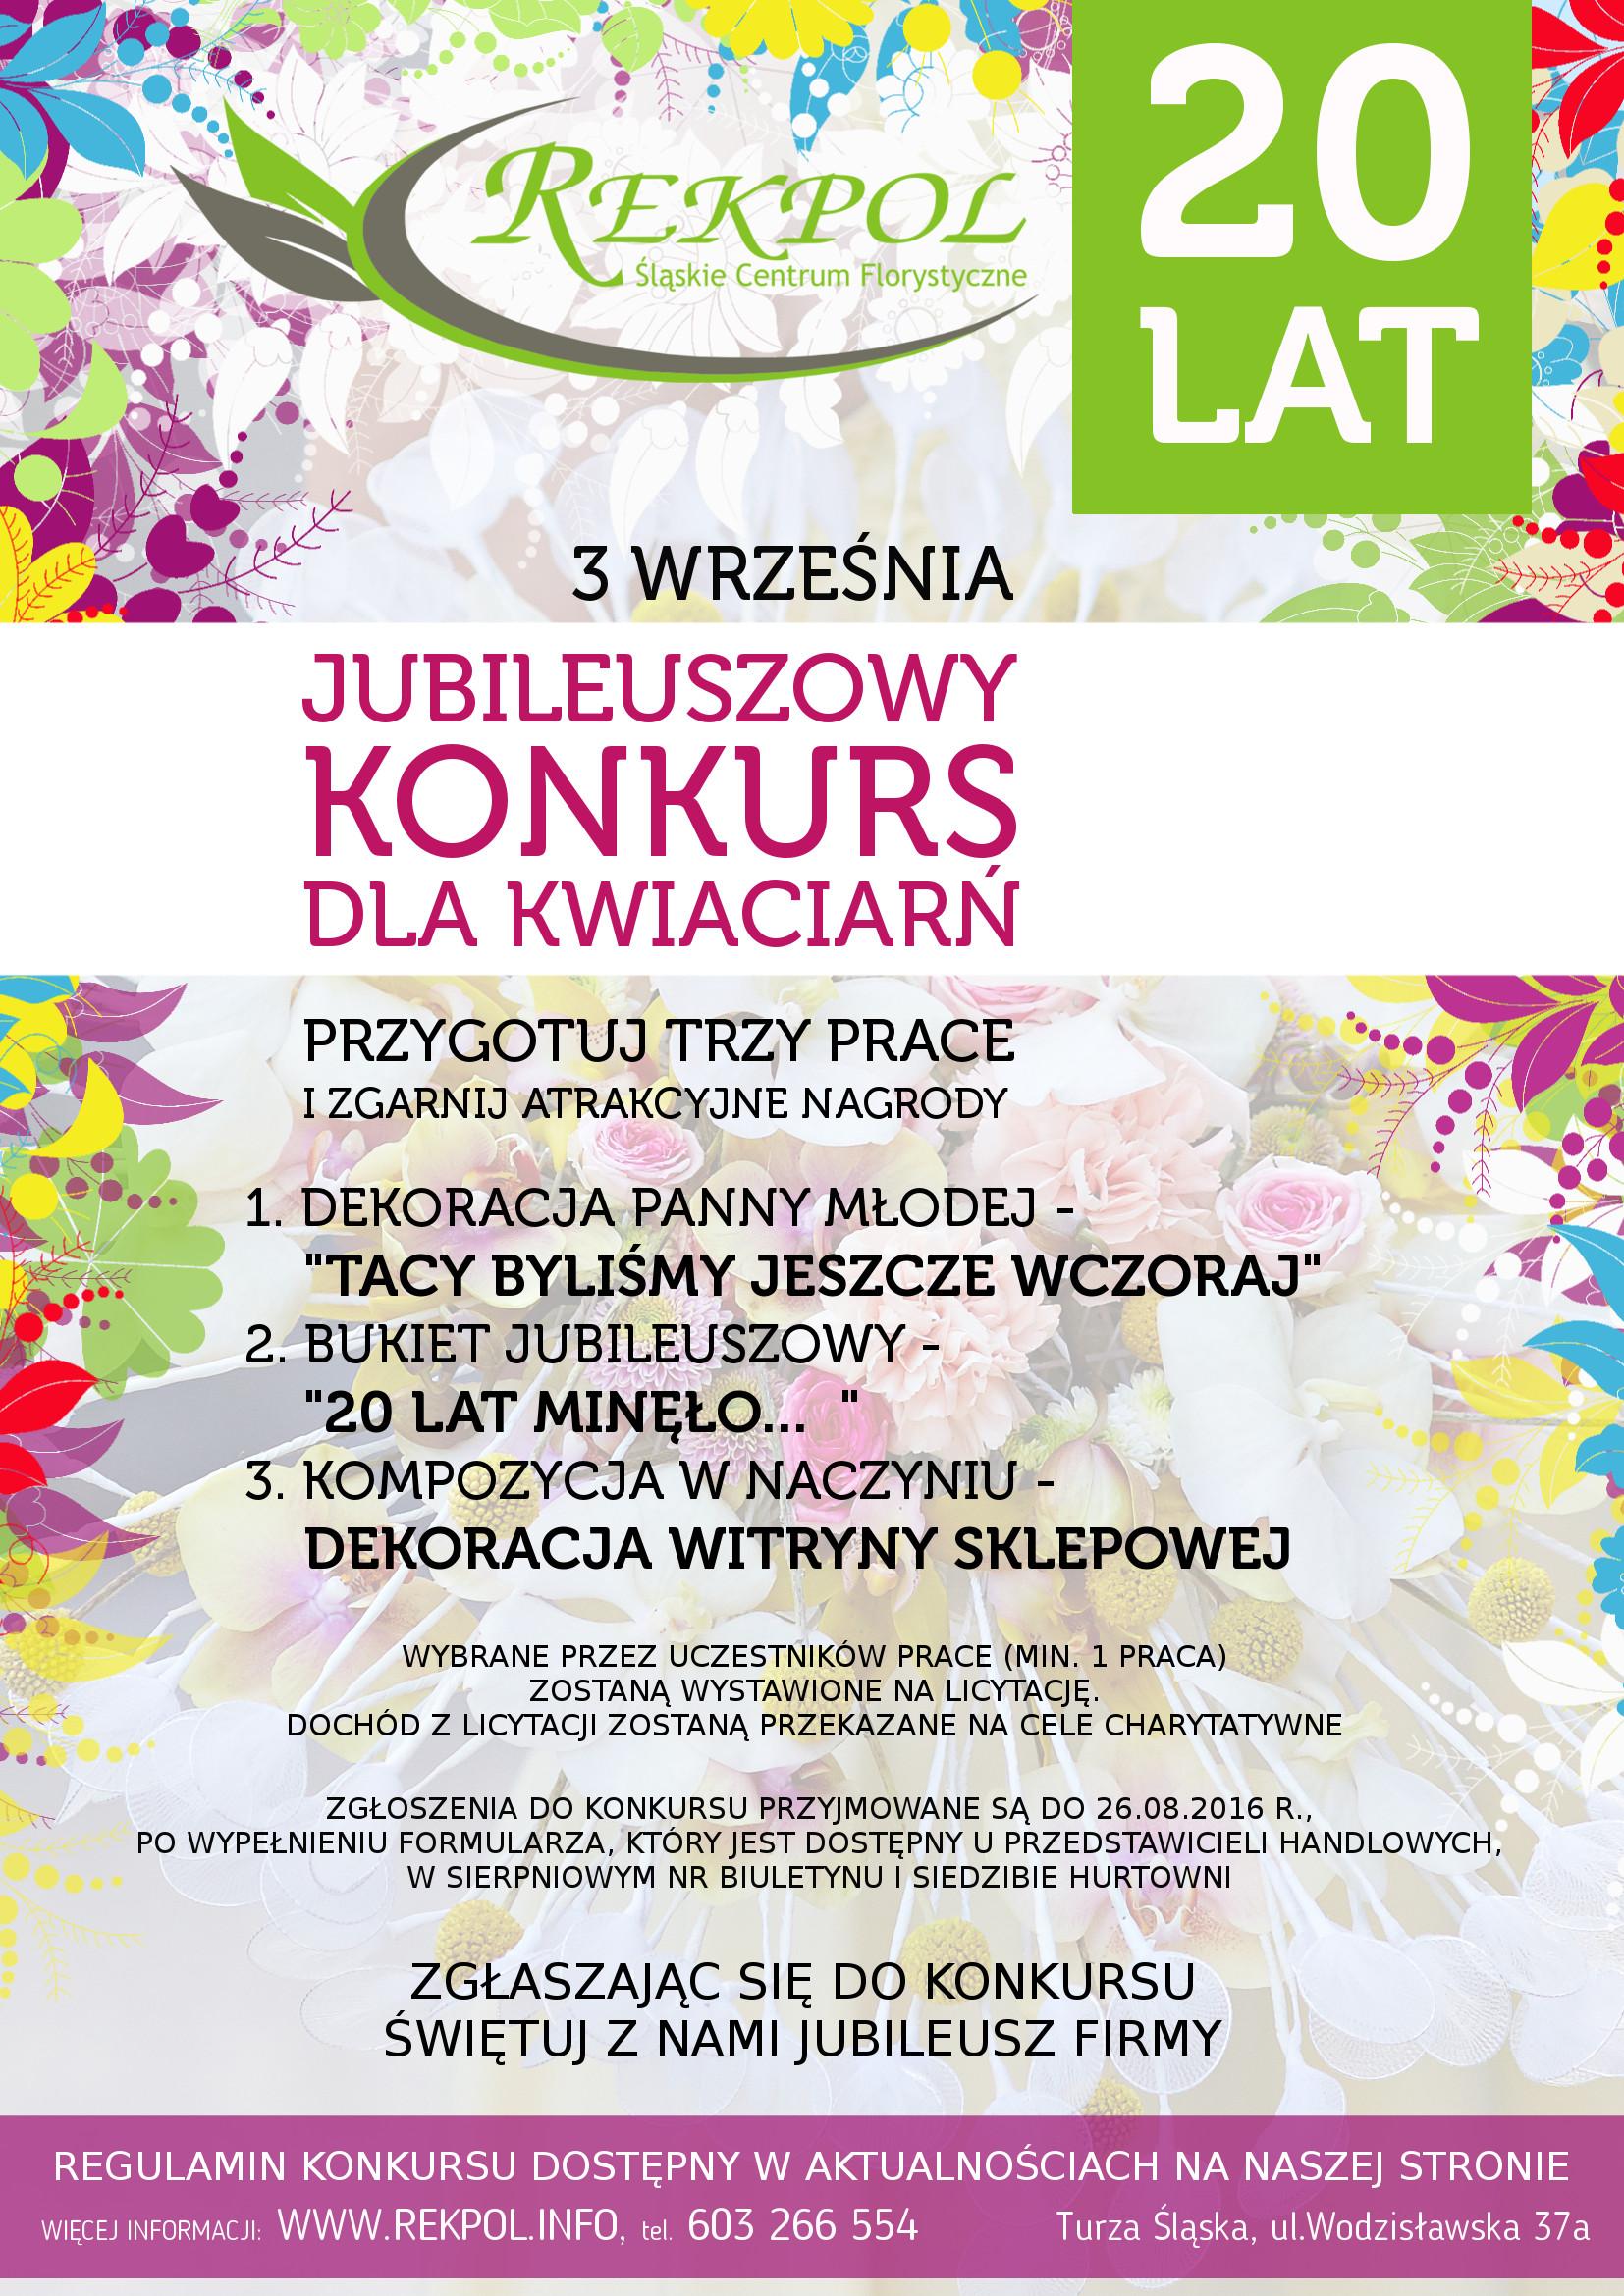 Jubileuszowy konkurs dla kwiaciarń